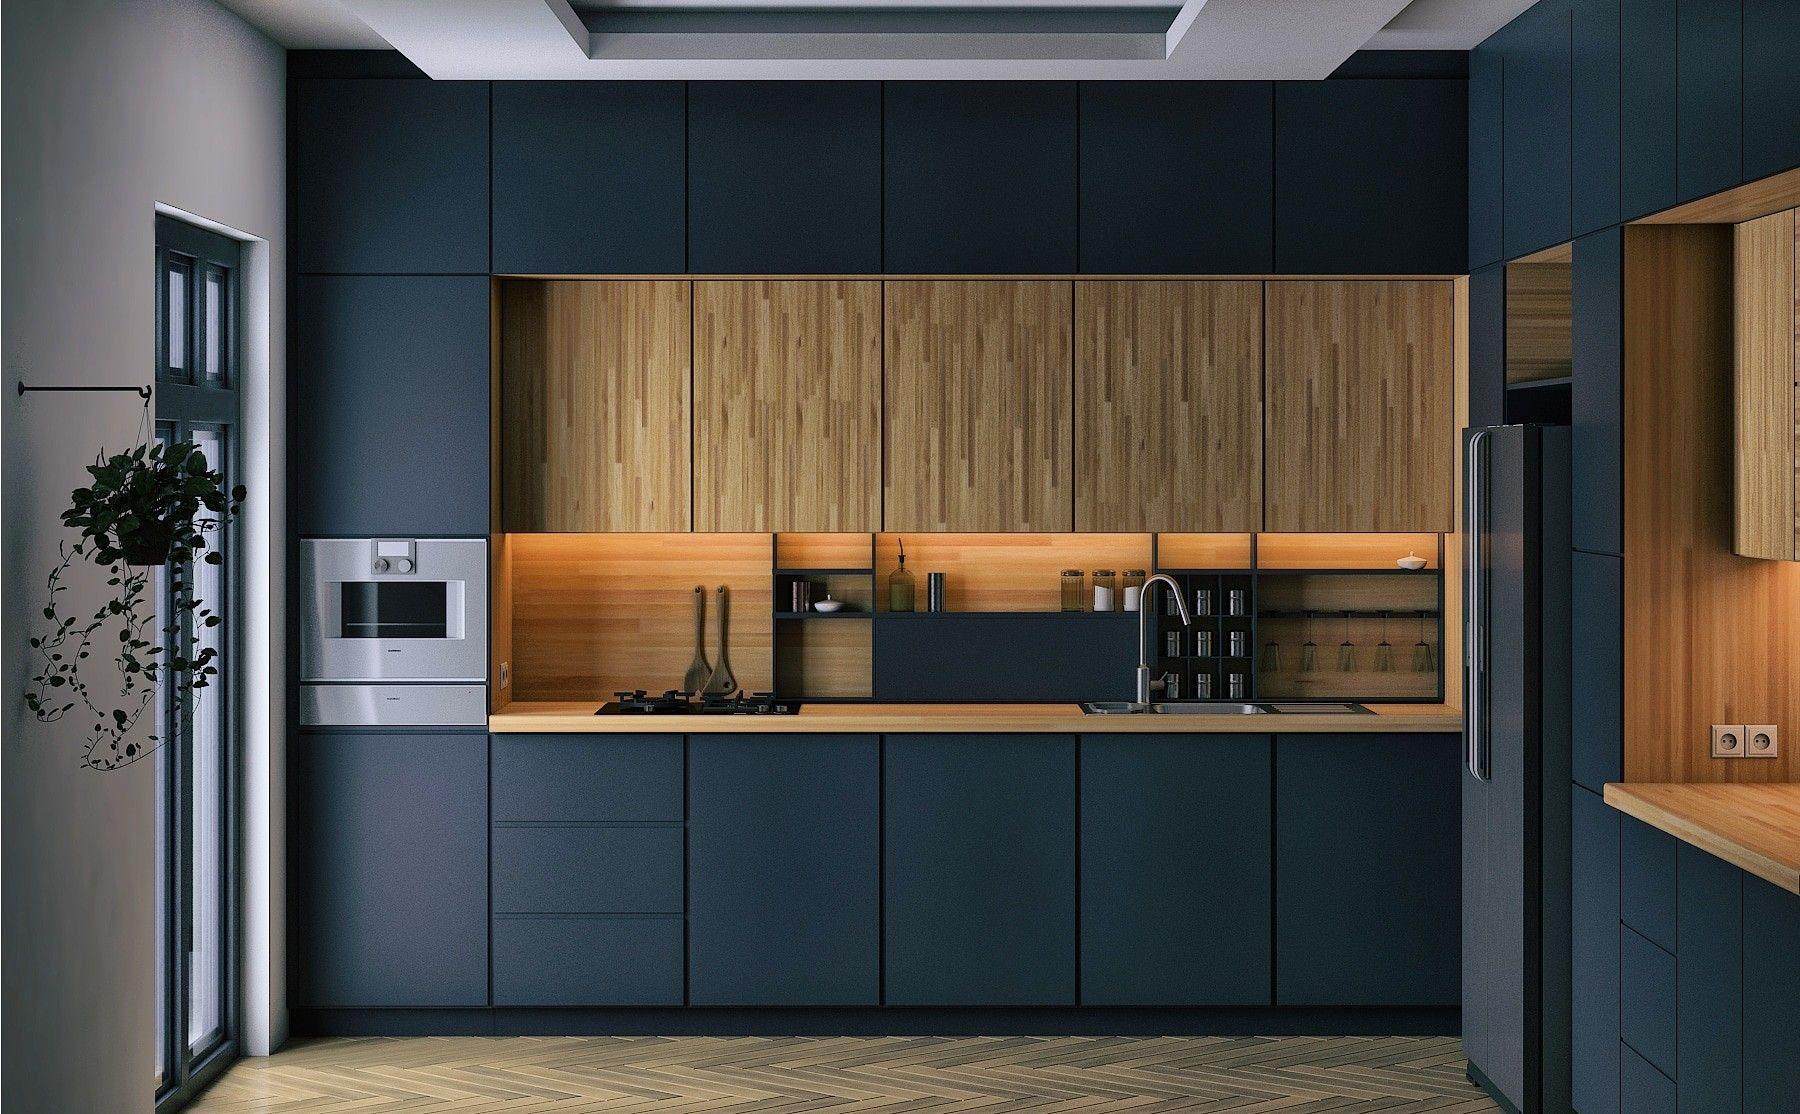 Pin by Hosein on kitchen | Kitchen, Home decor, Kitchen ...